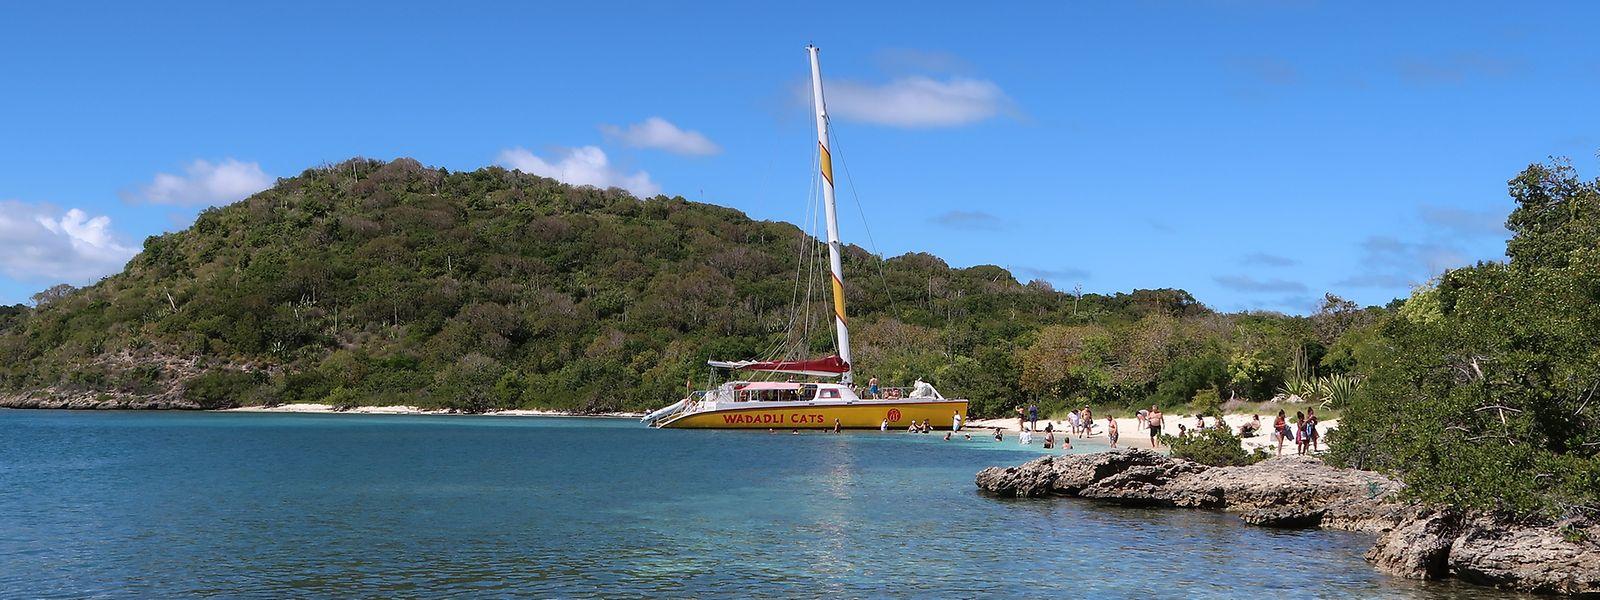 Einige Reisende nutzten den Aufenthalt in Antigua für einen Ausflug zu einer unbewohnten Insel mit perfekten Badebedingungen.